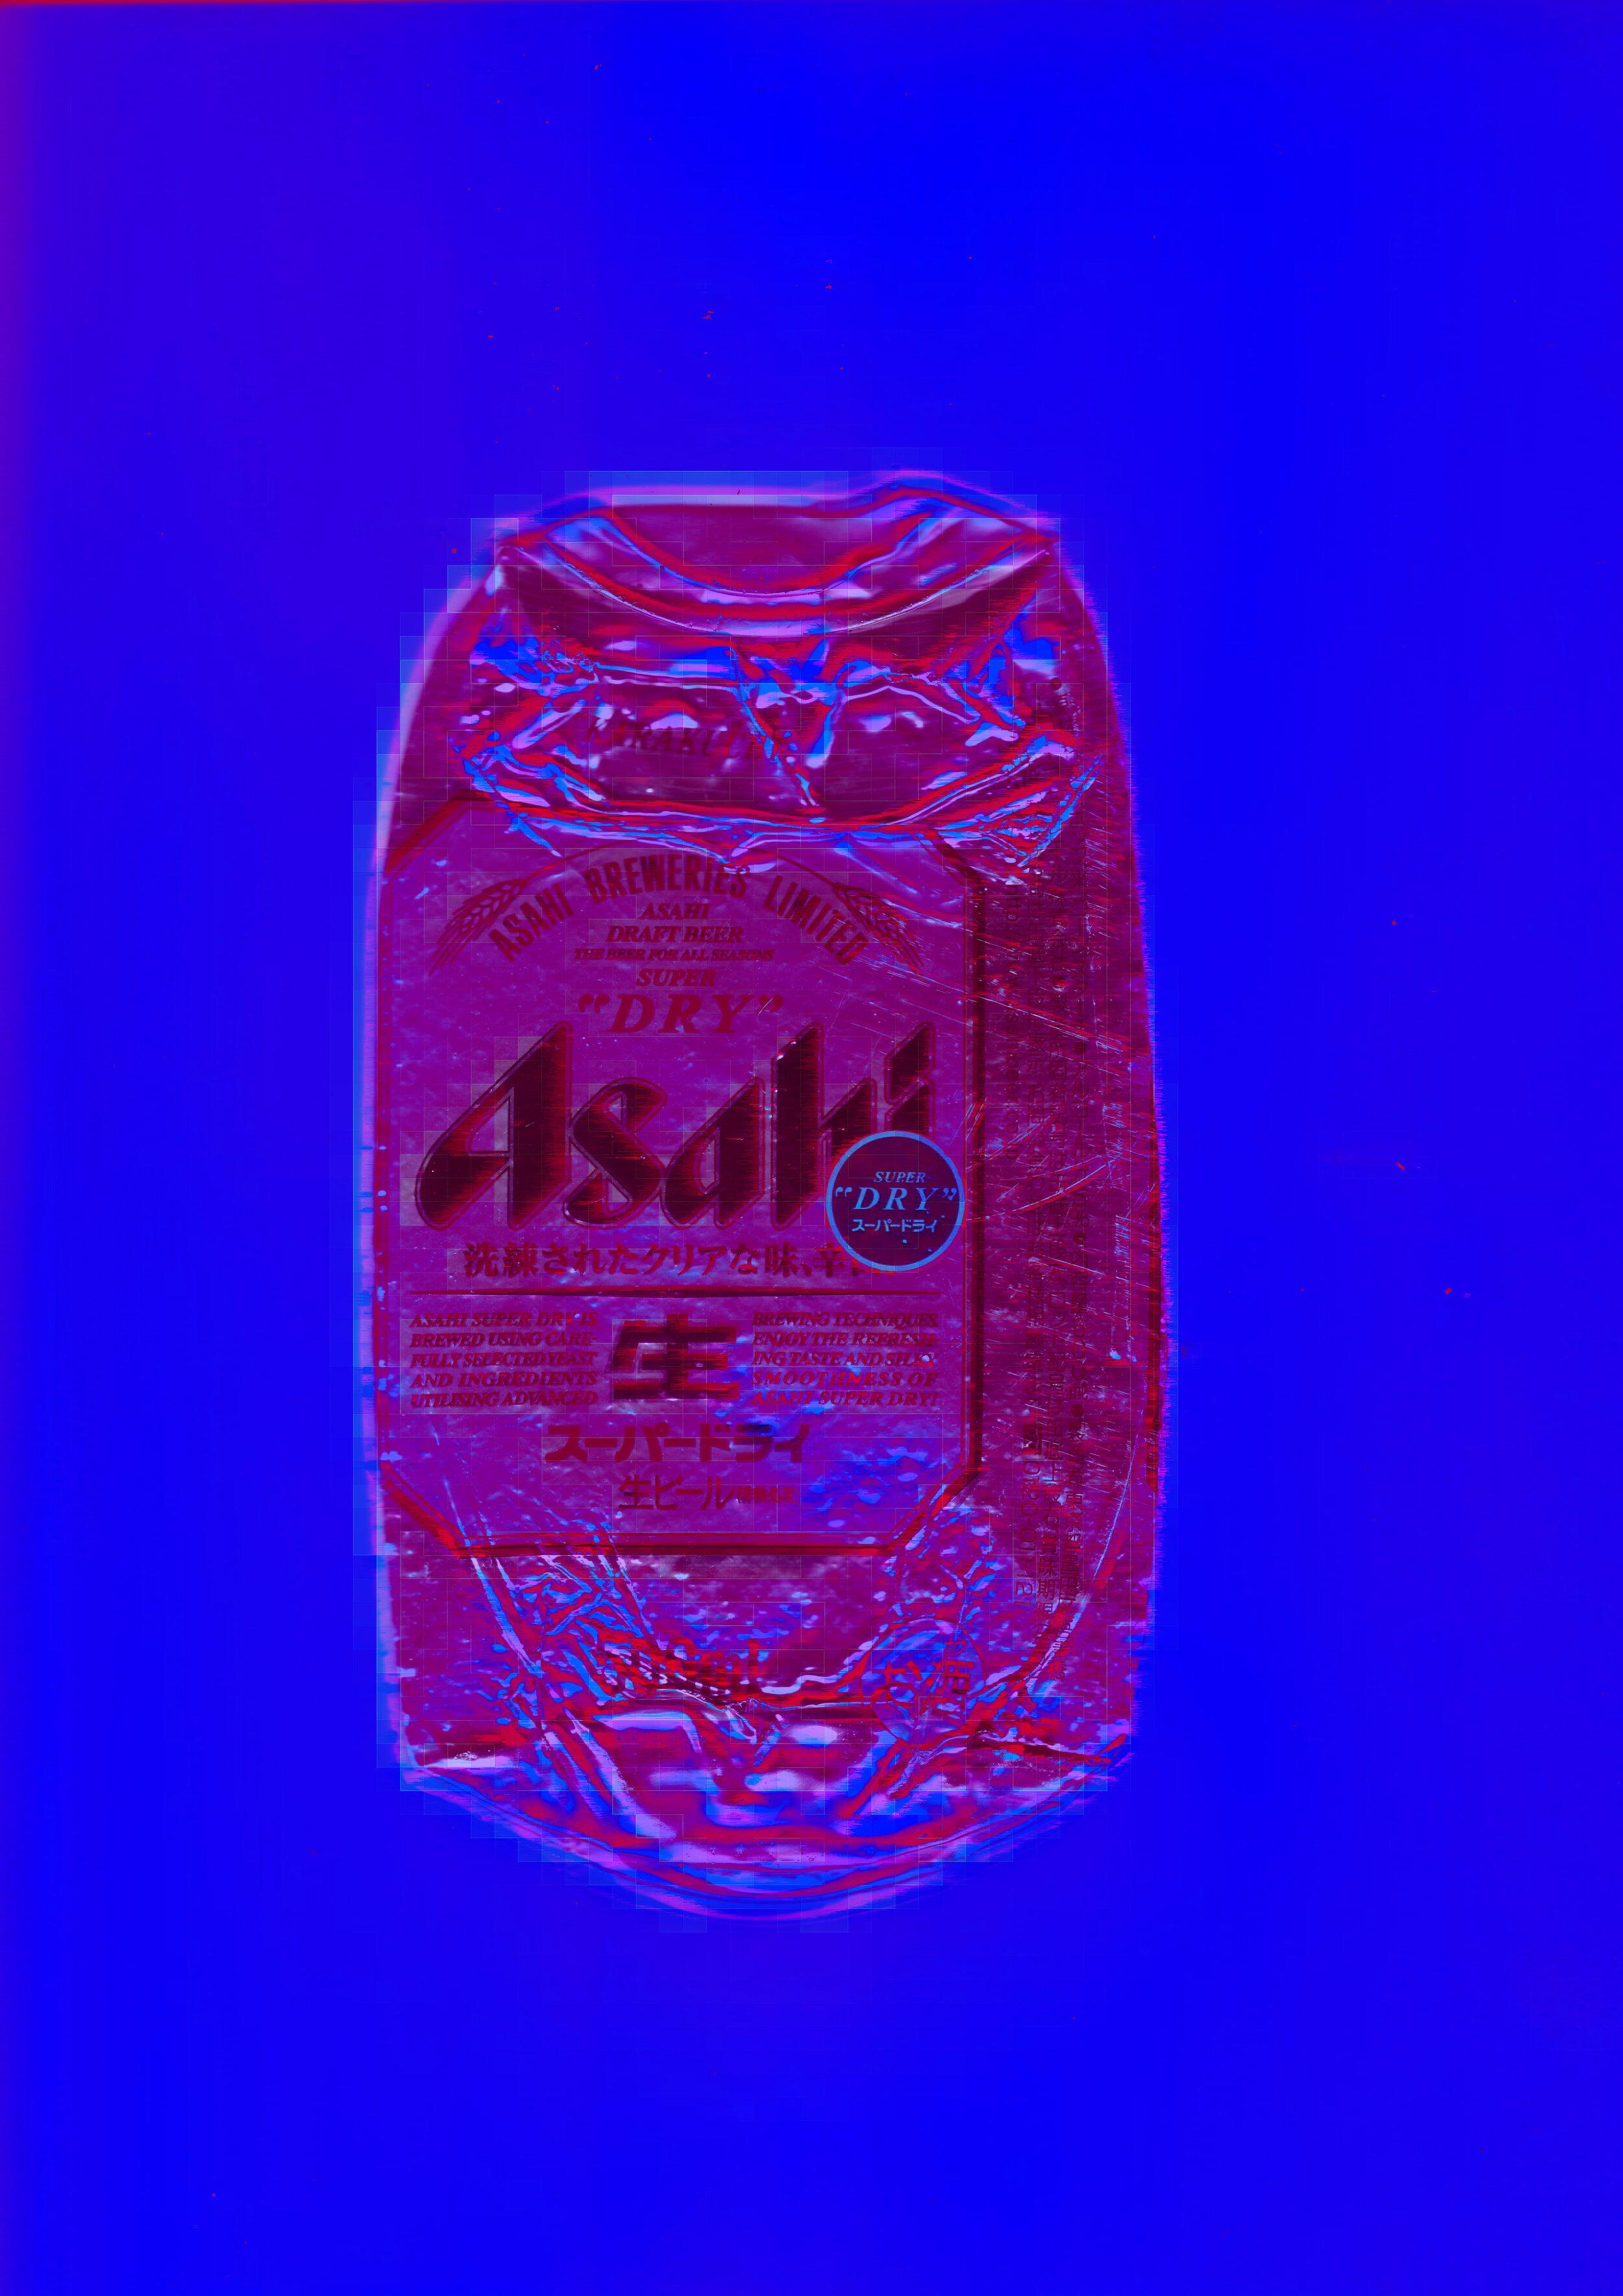 File0011.jpg